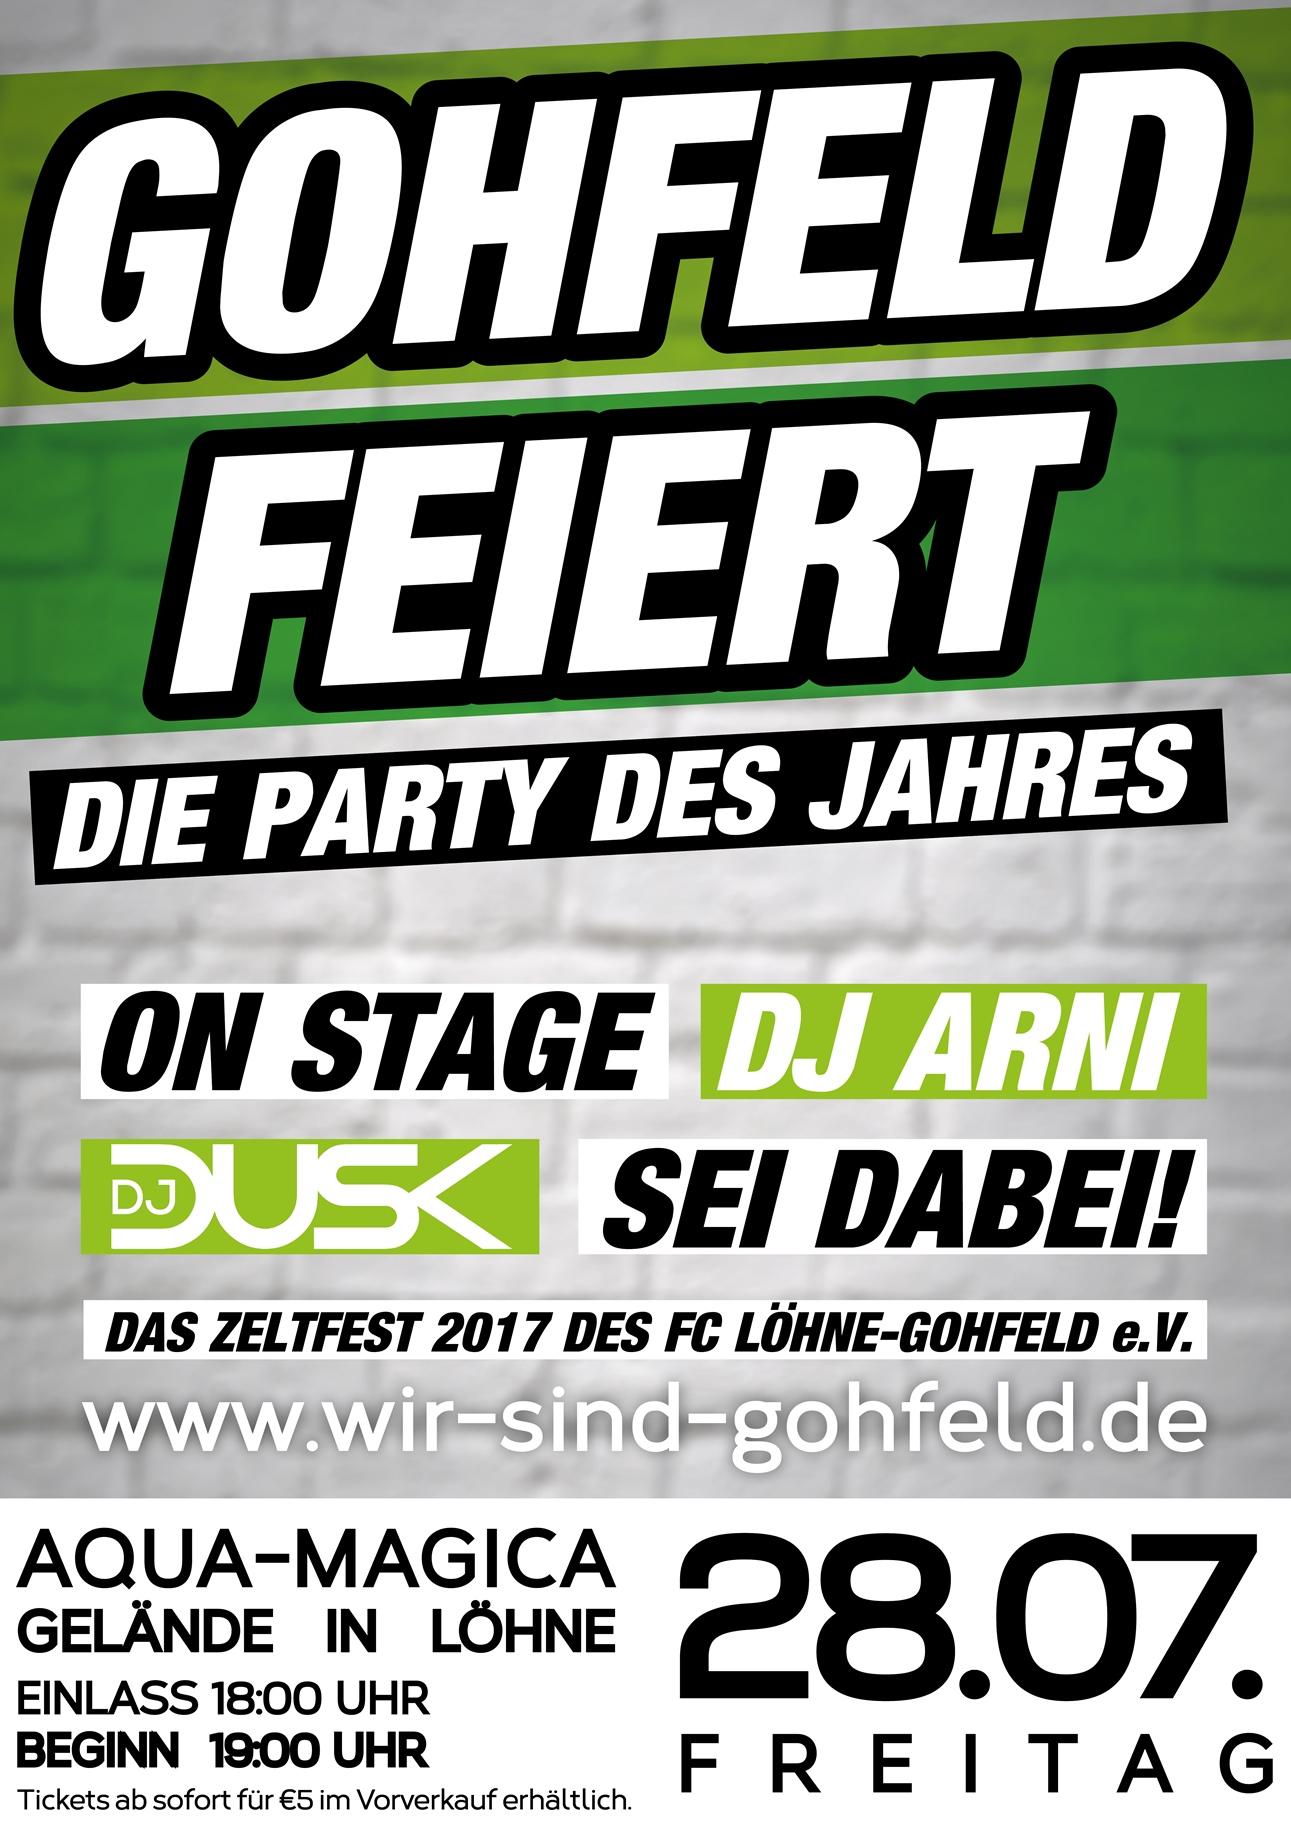 Gohfeld feiert